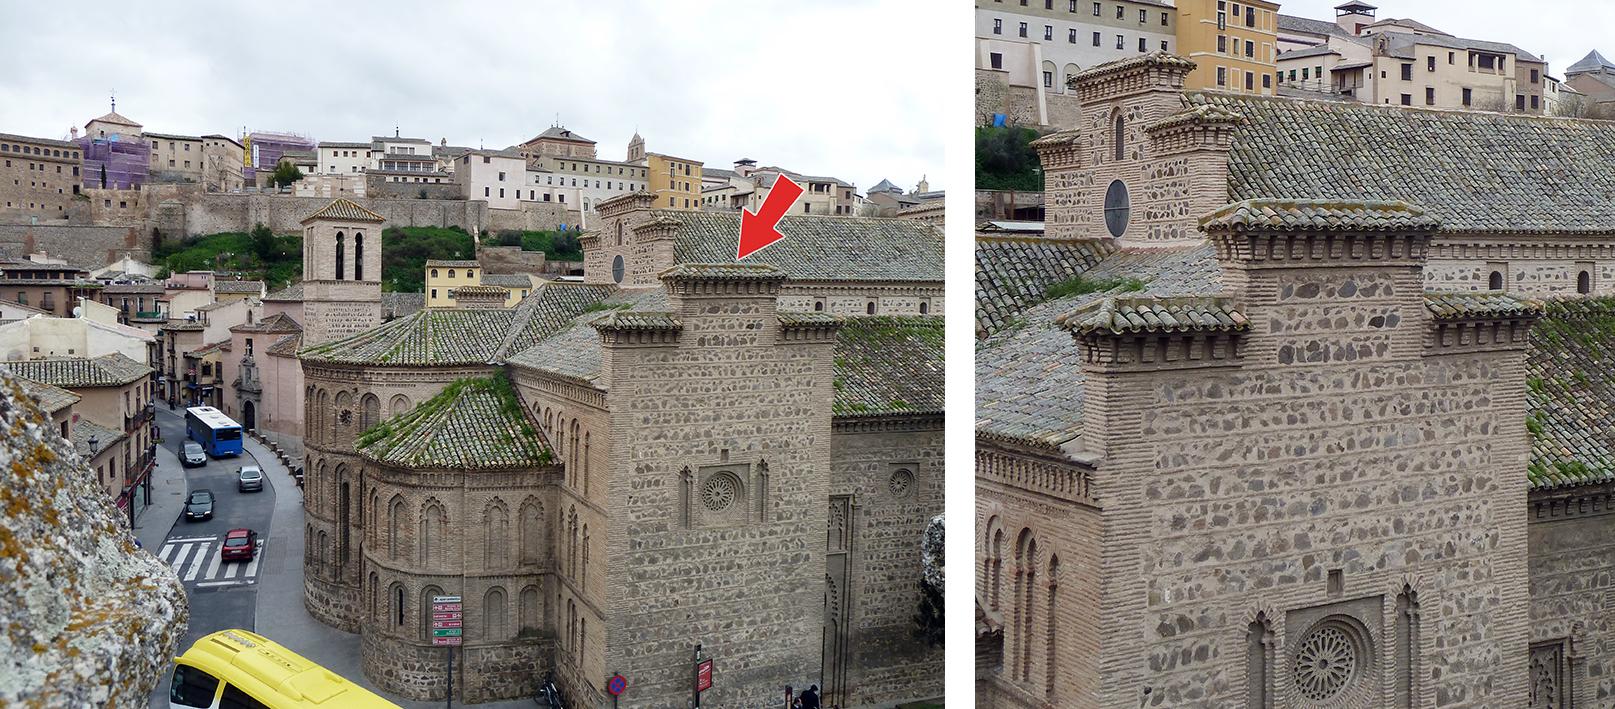 Detalle de una de las espadañas de la Iglesia de Santiago del Arrabal, en Toledo. Fotografía: Jose María Gutiérrez Arias. Sección Vivienda, Área de Gestión Patrimonial, Consorcio de la ciudad de Toledo. Año 2019.